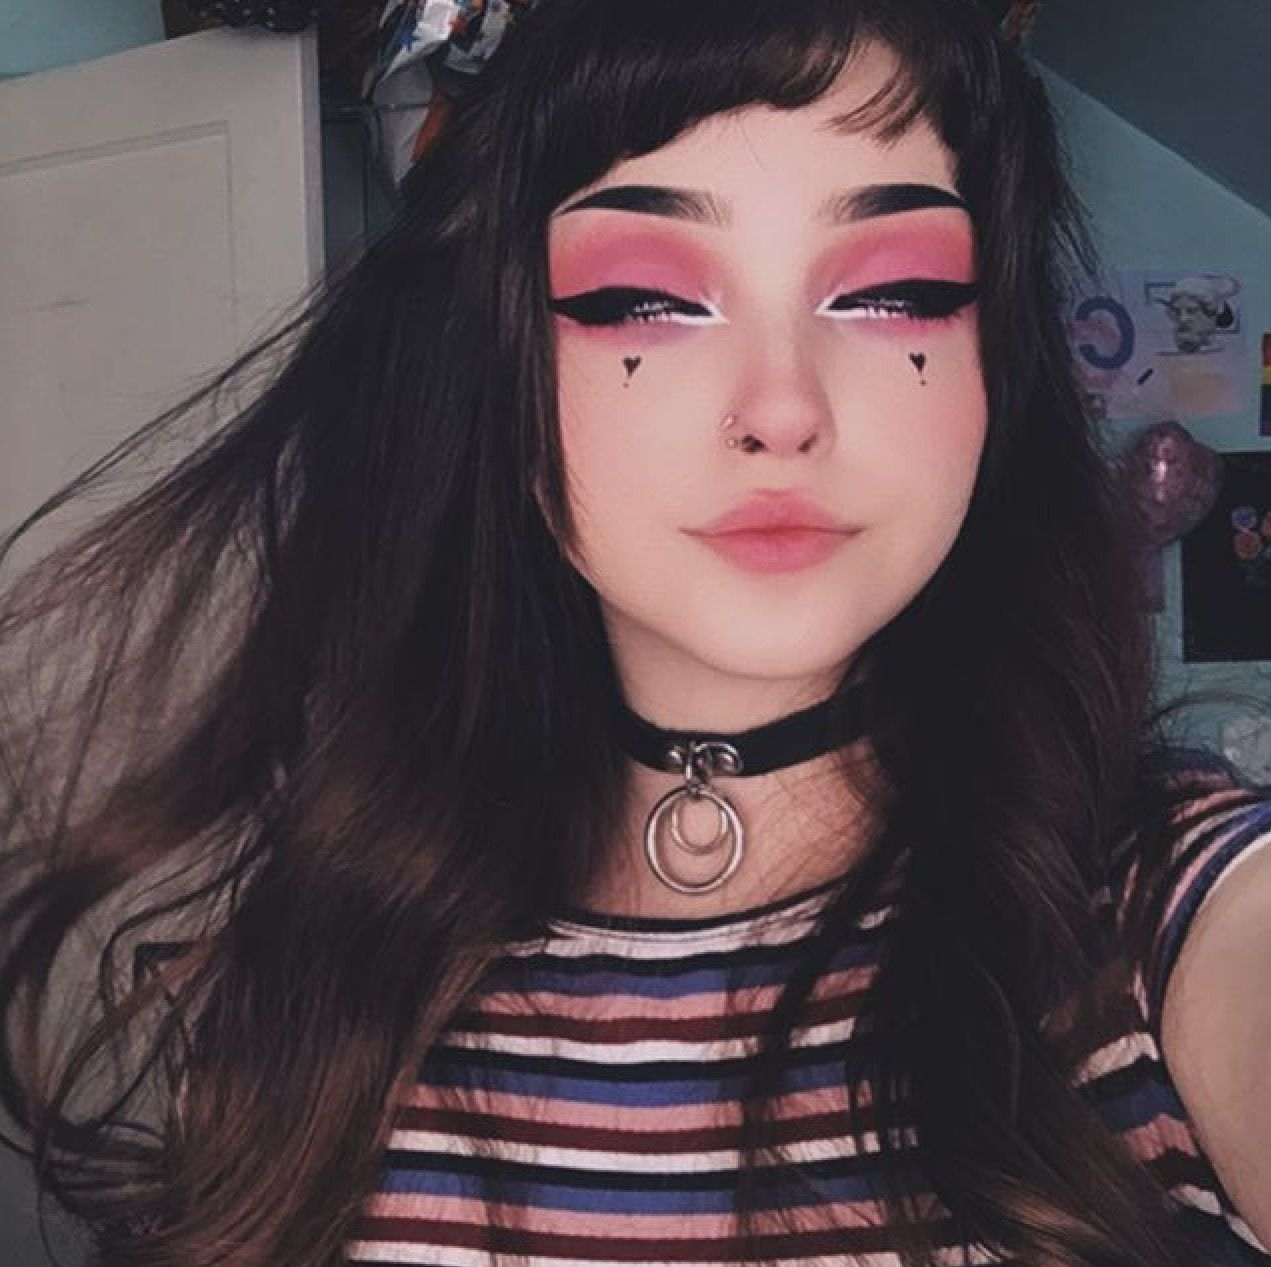 Girls Makeup Edgy Makeup Cute Makeup